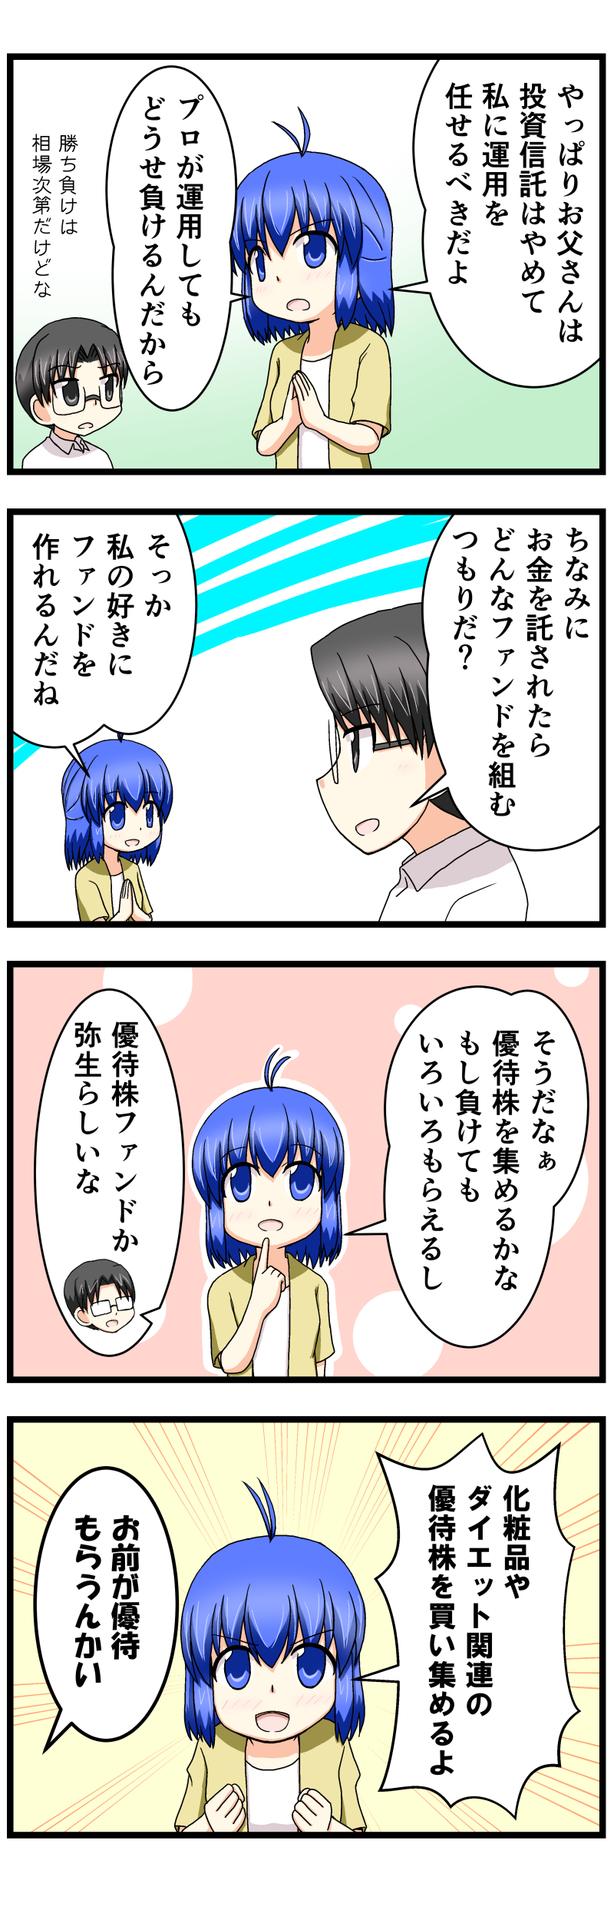 萌える株セミナー105.jpg